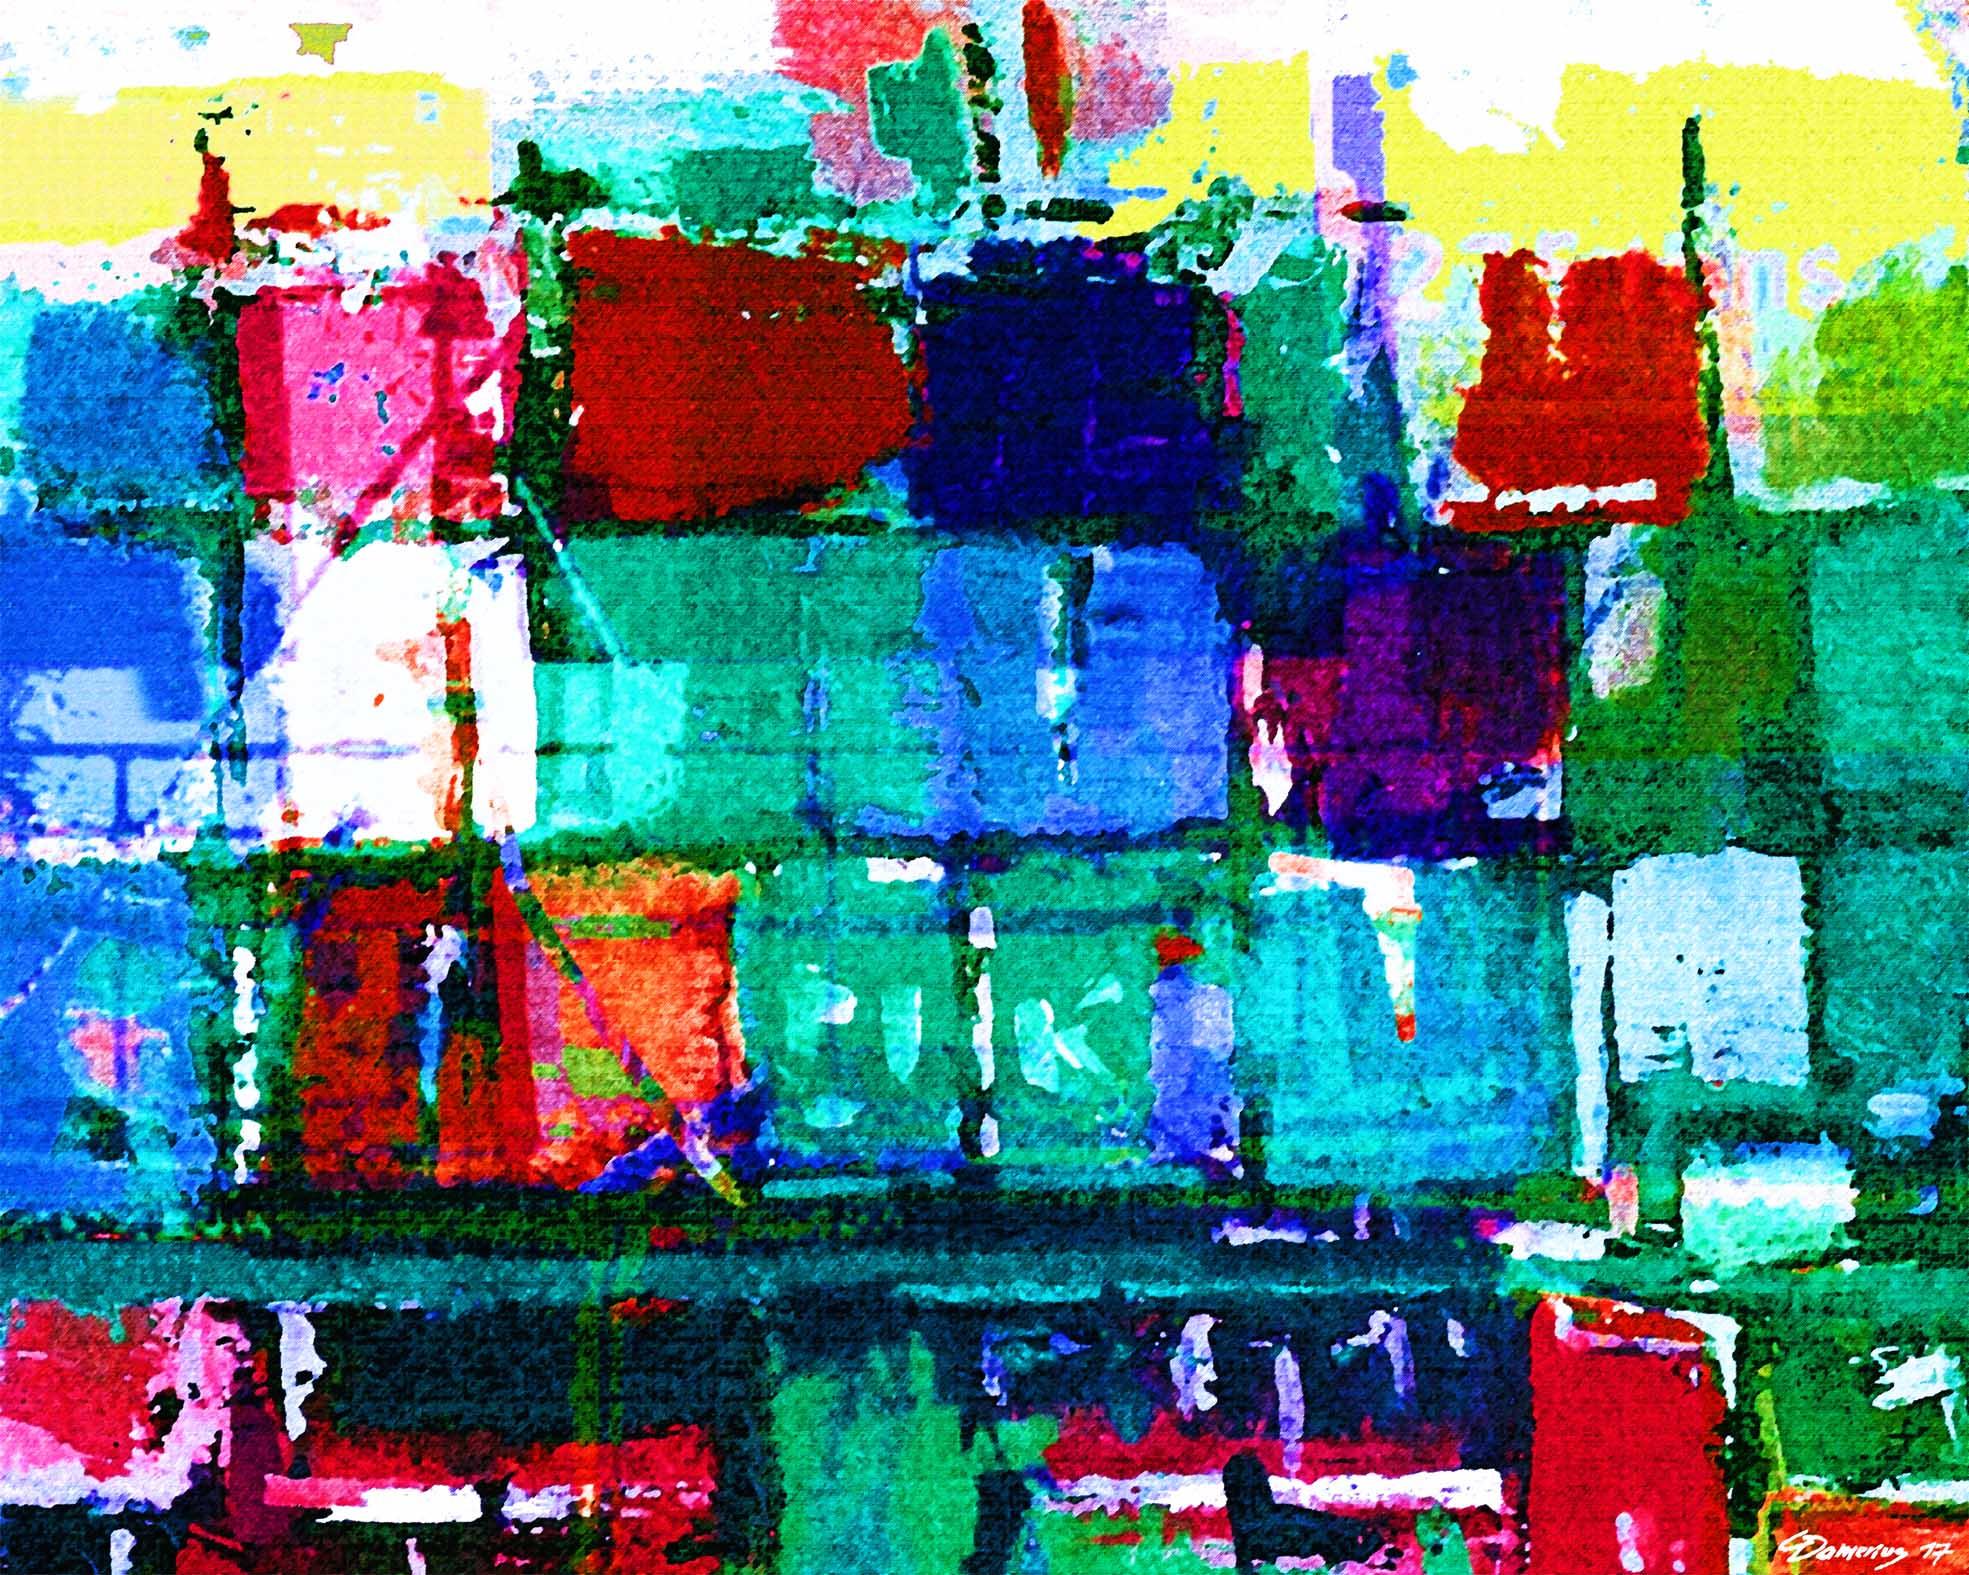 damerius,HAMBURG IM CONTAINERHAFEN 3,kunstdrucke hamburger hafen,kunstdrucke hamburg motive,hafenbilder hamburg,kunstdrucke für büroräume,moderne hamburger auftragsmaler,bekannte hamburger maler,